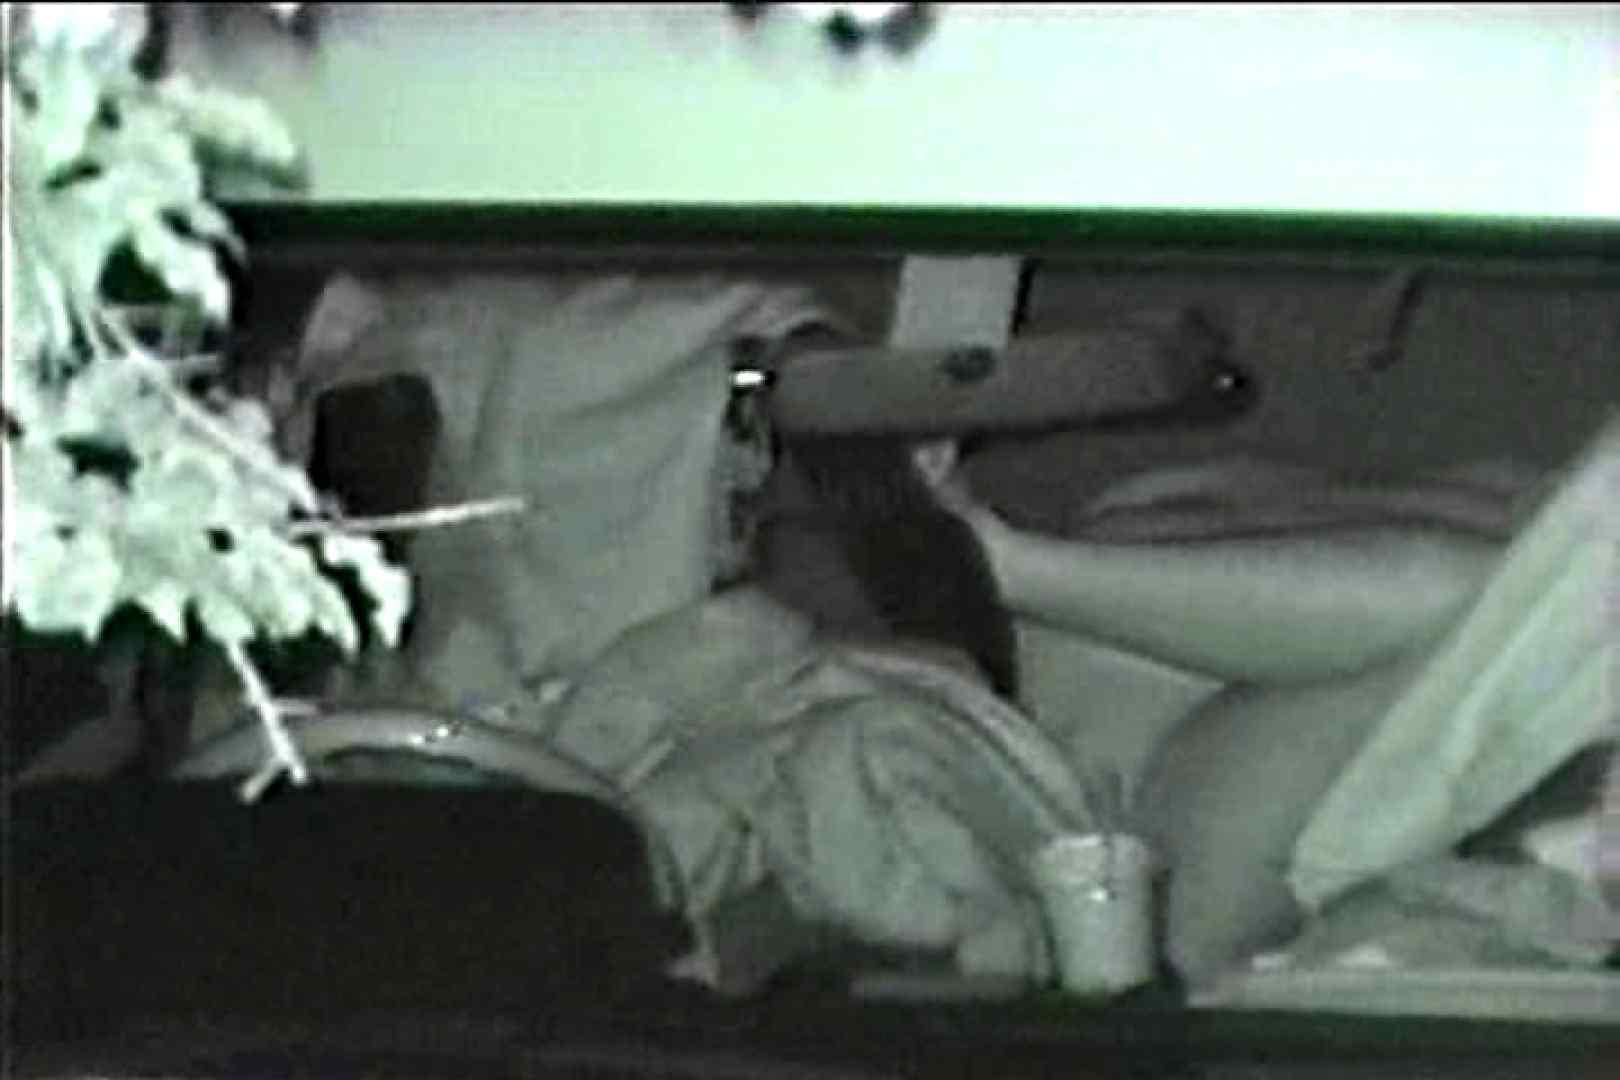 車の中はラブホテル 無修正版  Vol.7 セックス ぱこり動画紹介 81pic 22